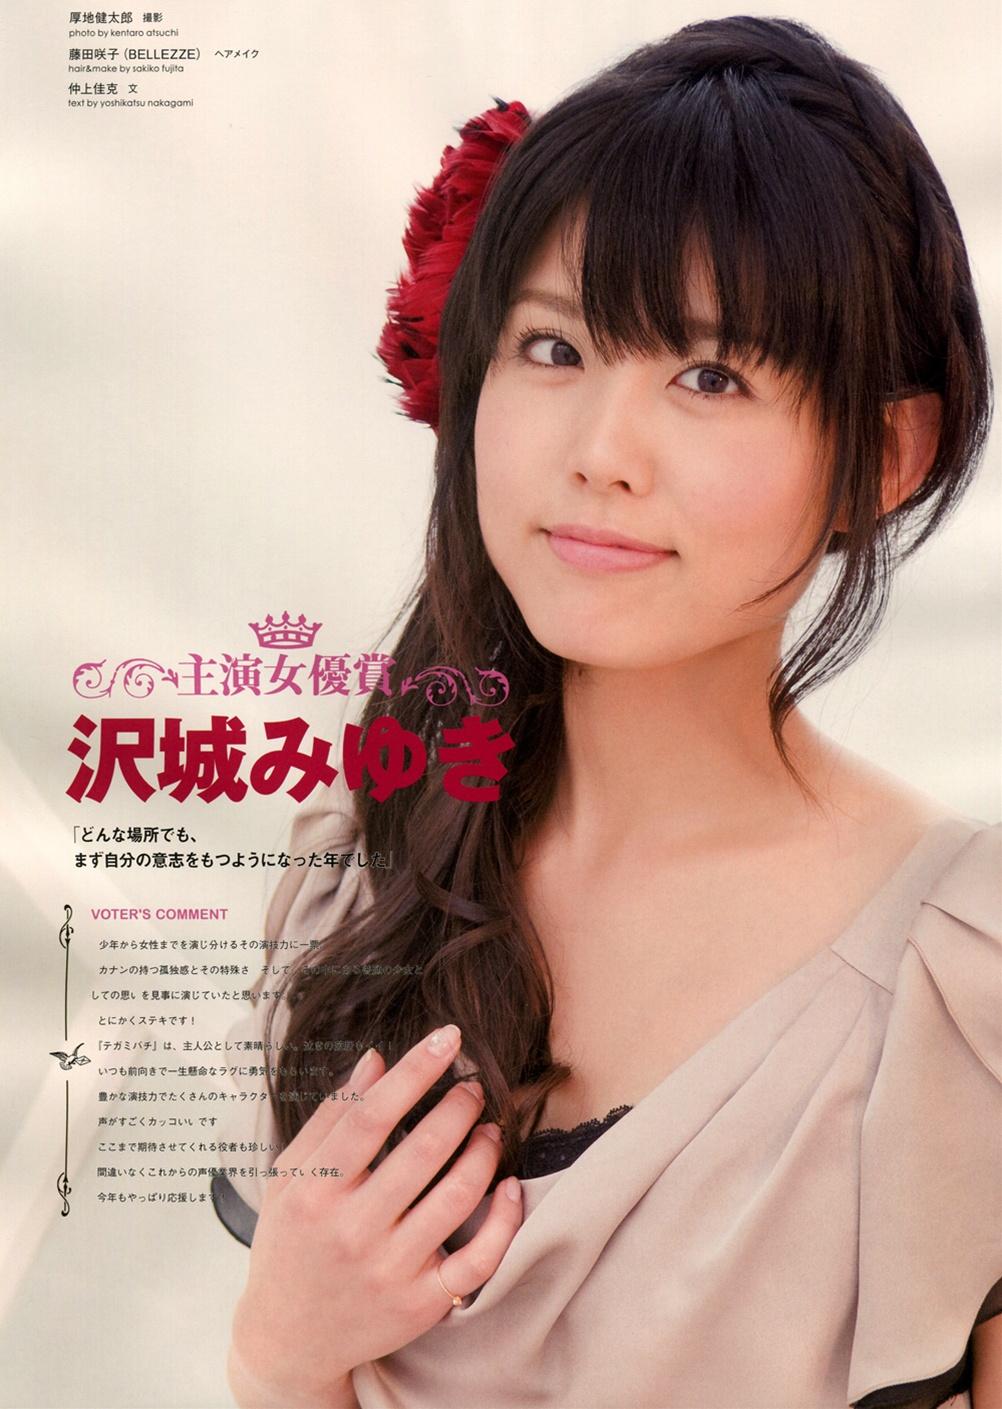 사와시로 미유키씨도 결혼 대열에 합류했군요...